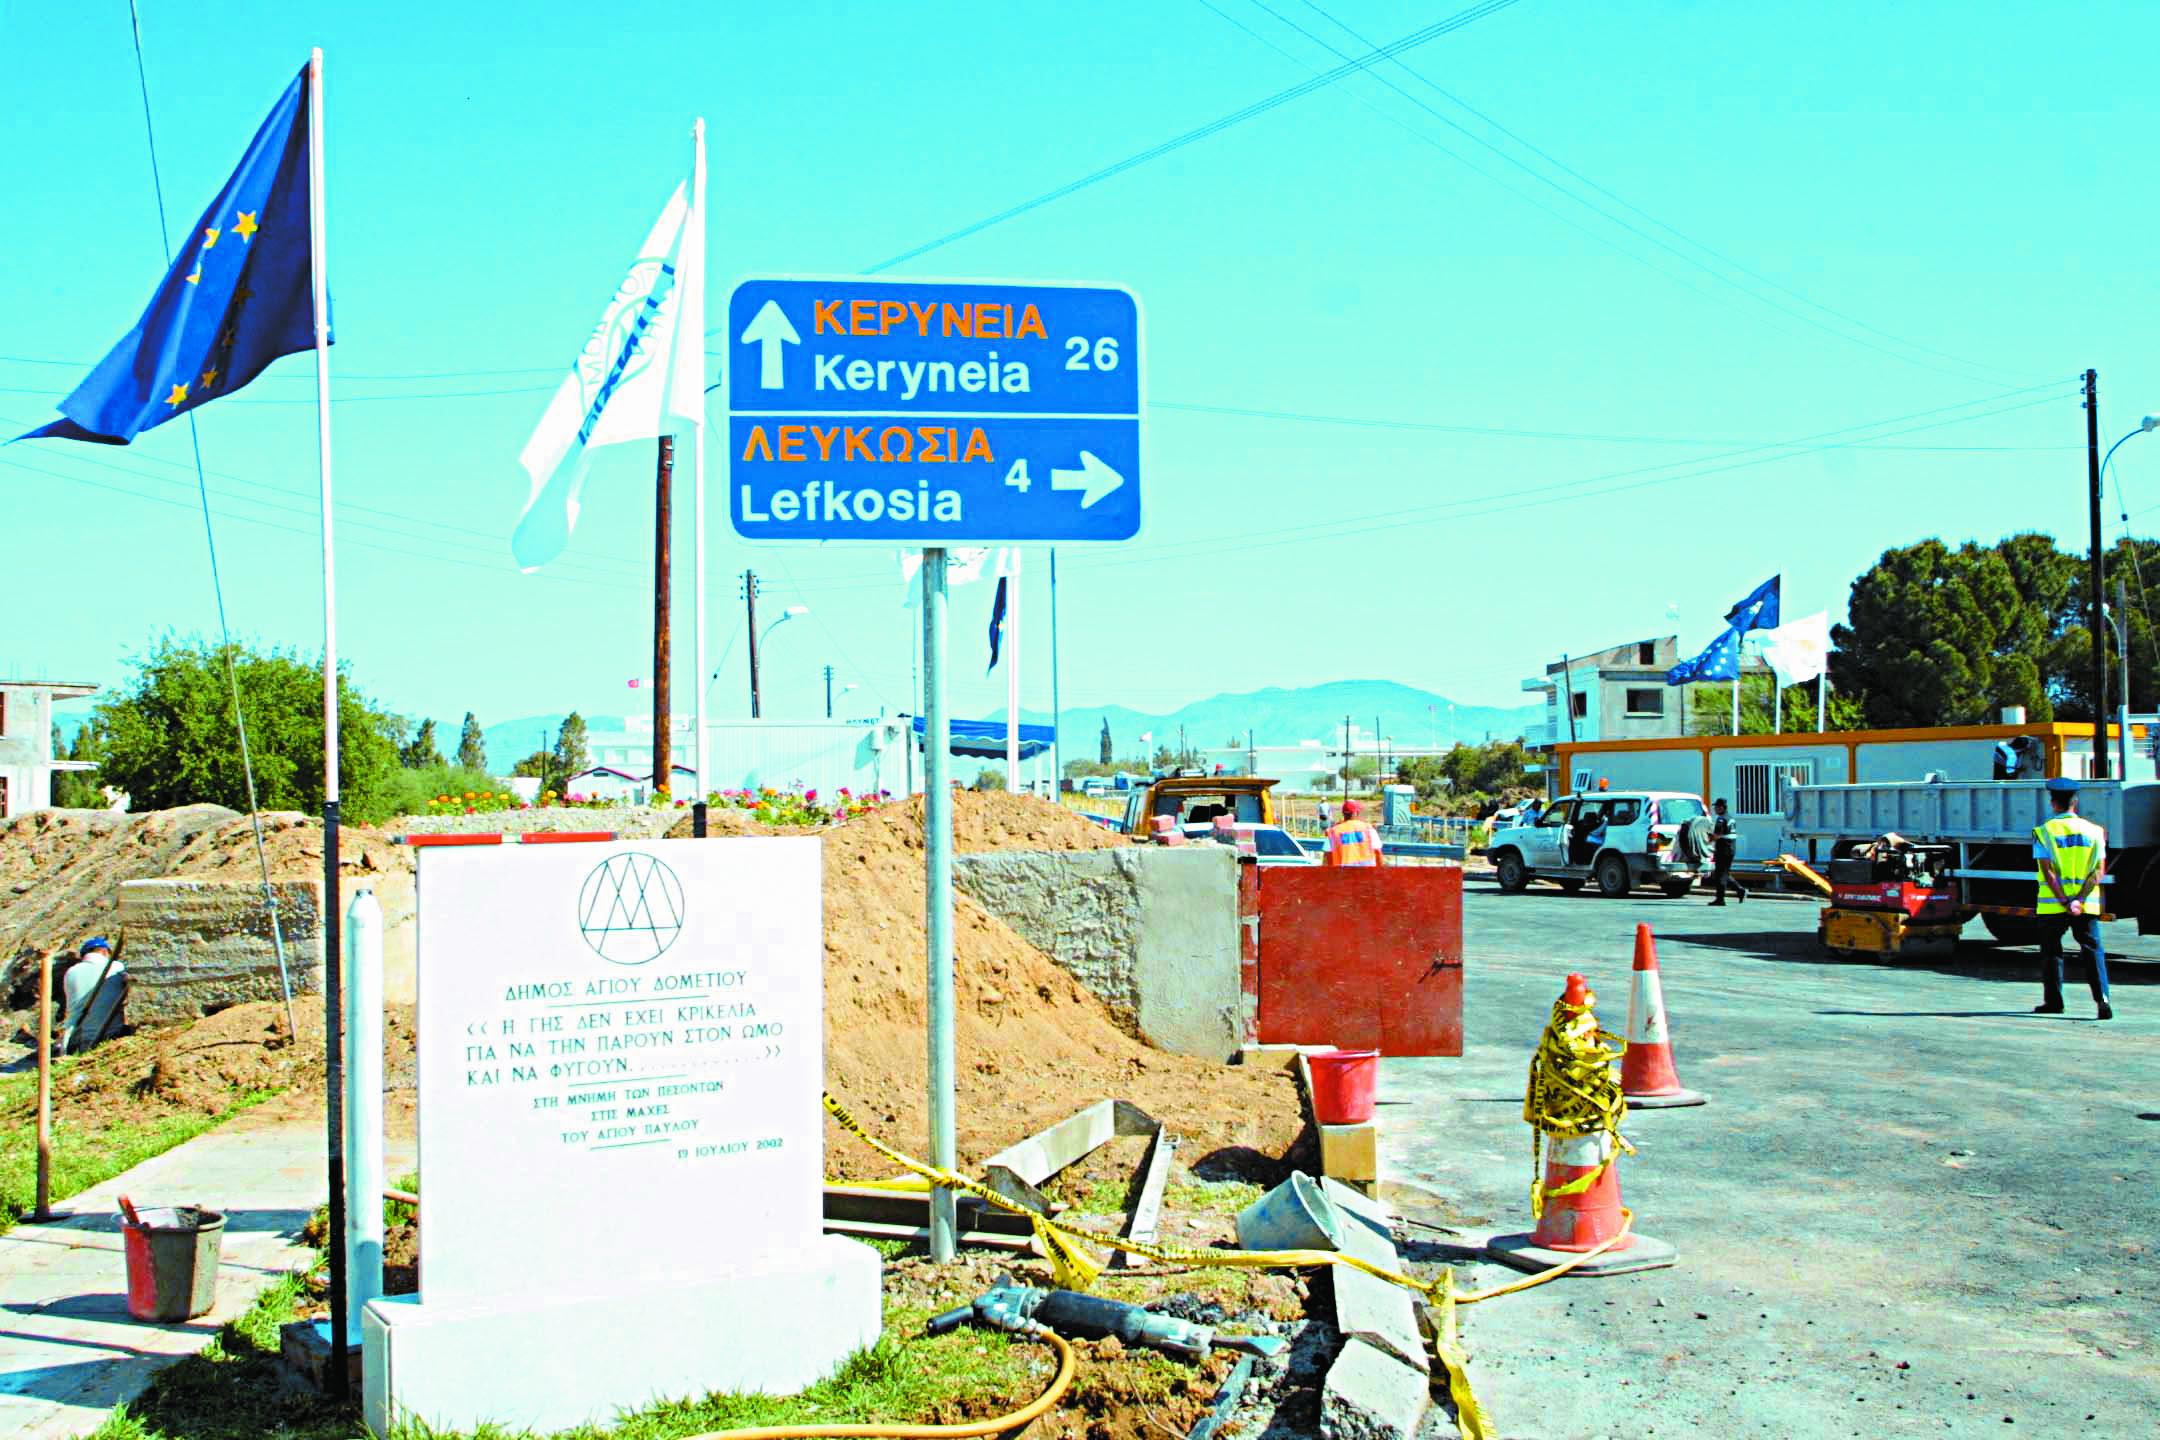 Κύπρος: Bλέπει ευκαιρία αναβάθμισης το κατοχικό καθεστώς